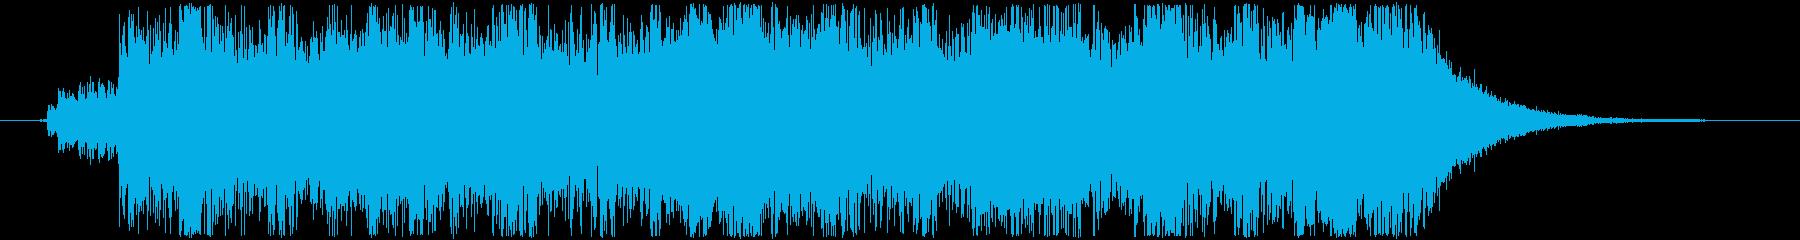 幻想的シーン用オーケストラジングルの再生済みの波形